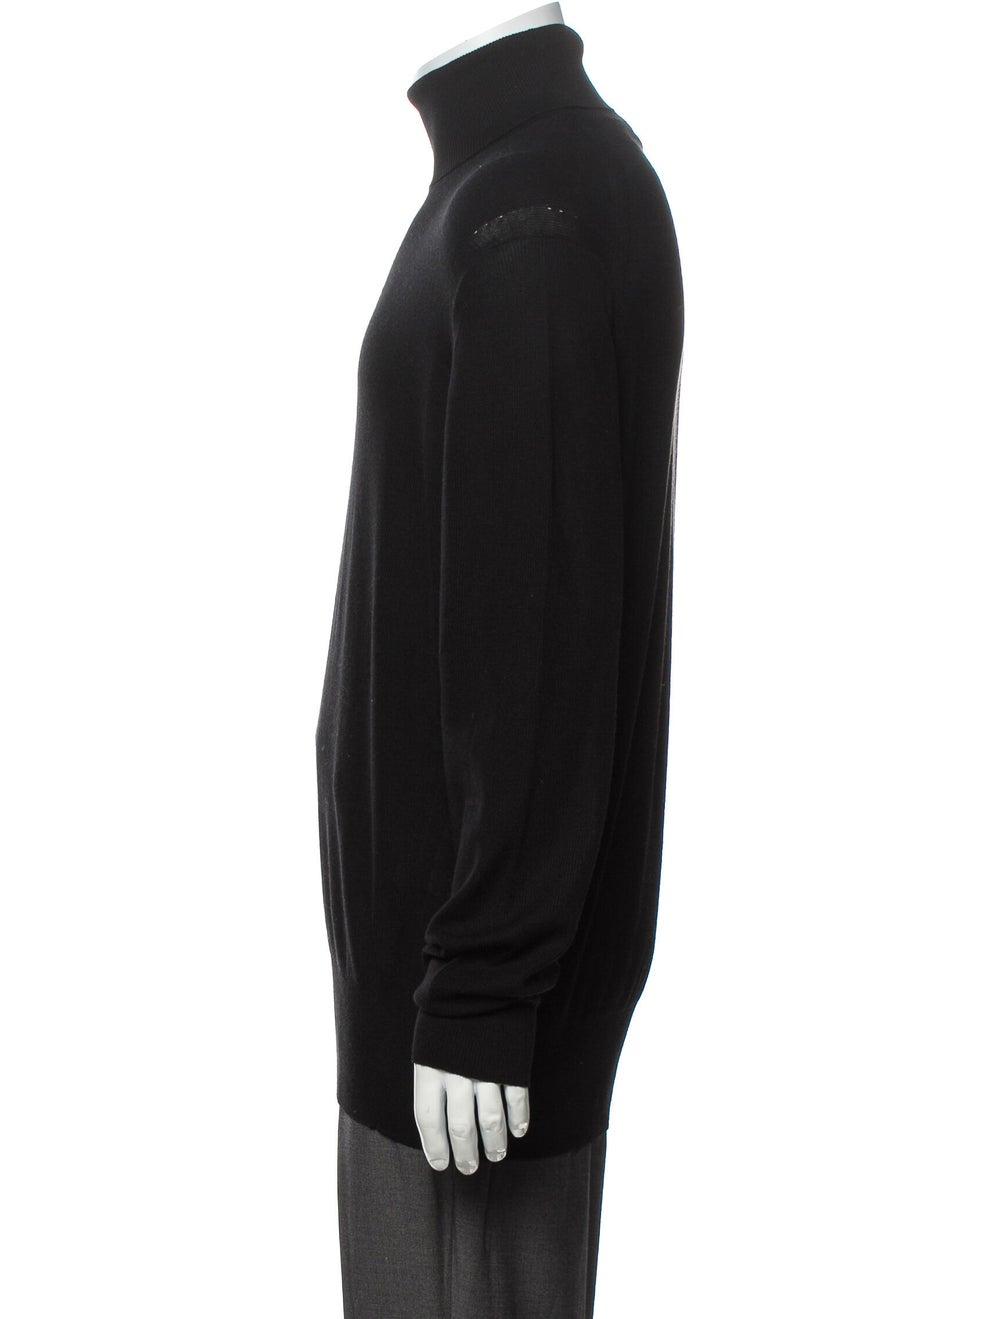 Tom Ford Cashmere Turtleneck Pullover Black - image 2